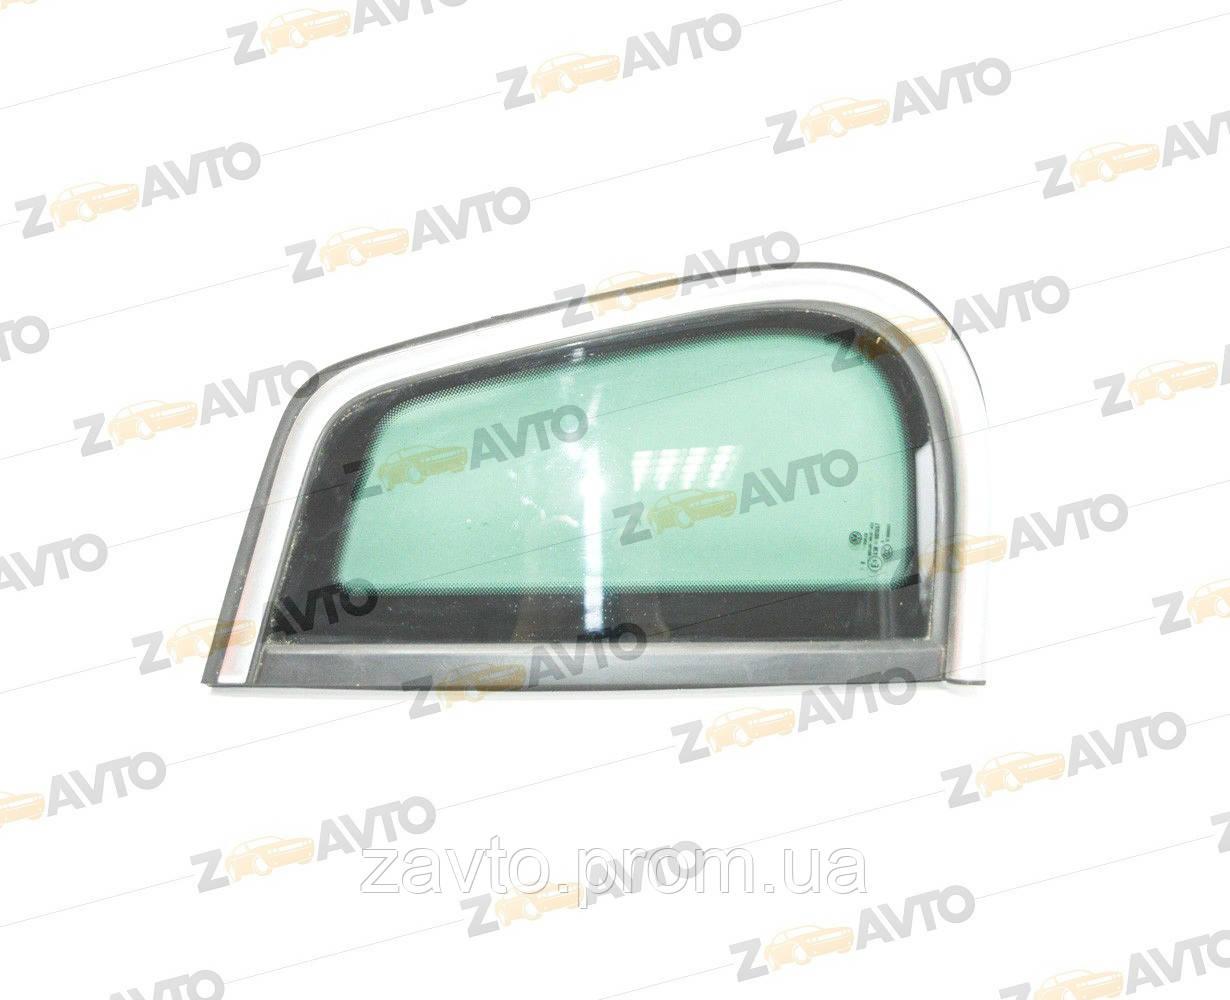 Стекло боковое левое с хромированным молдингом VW Tiguan Фольксваген Т